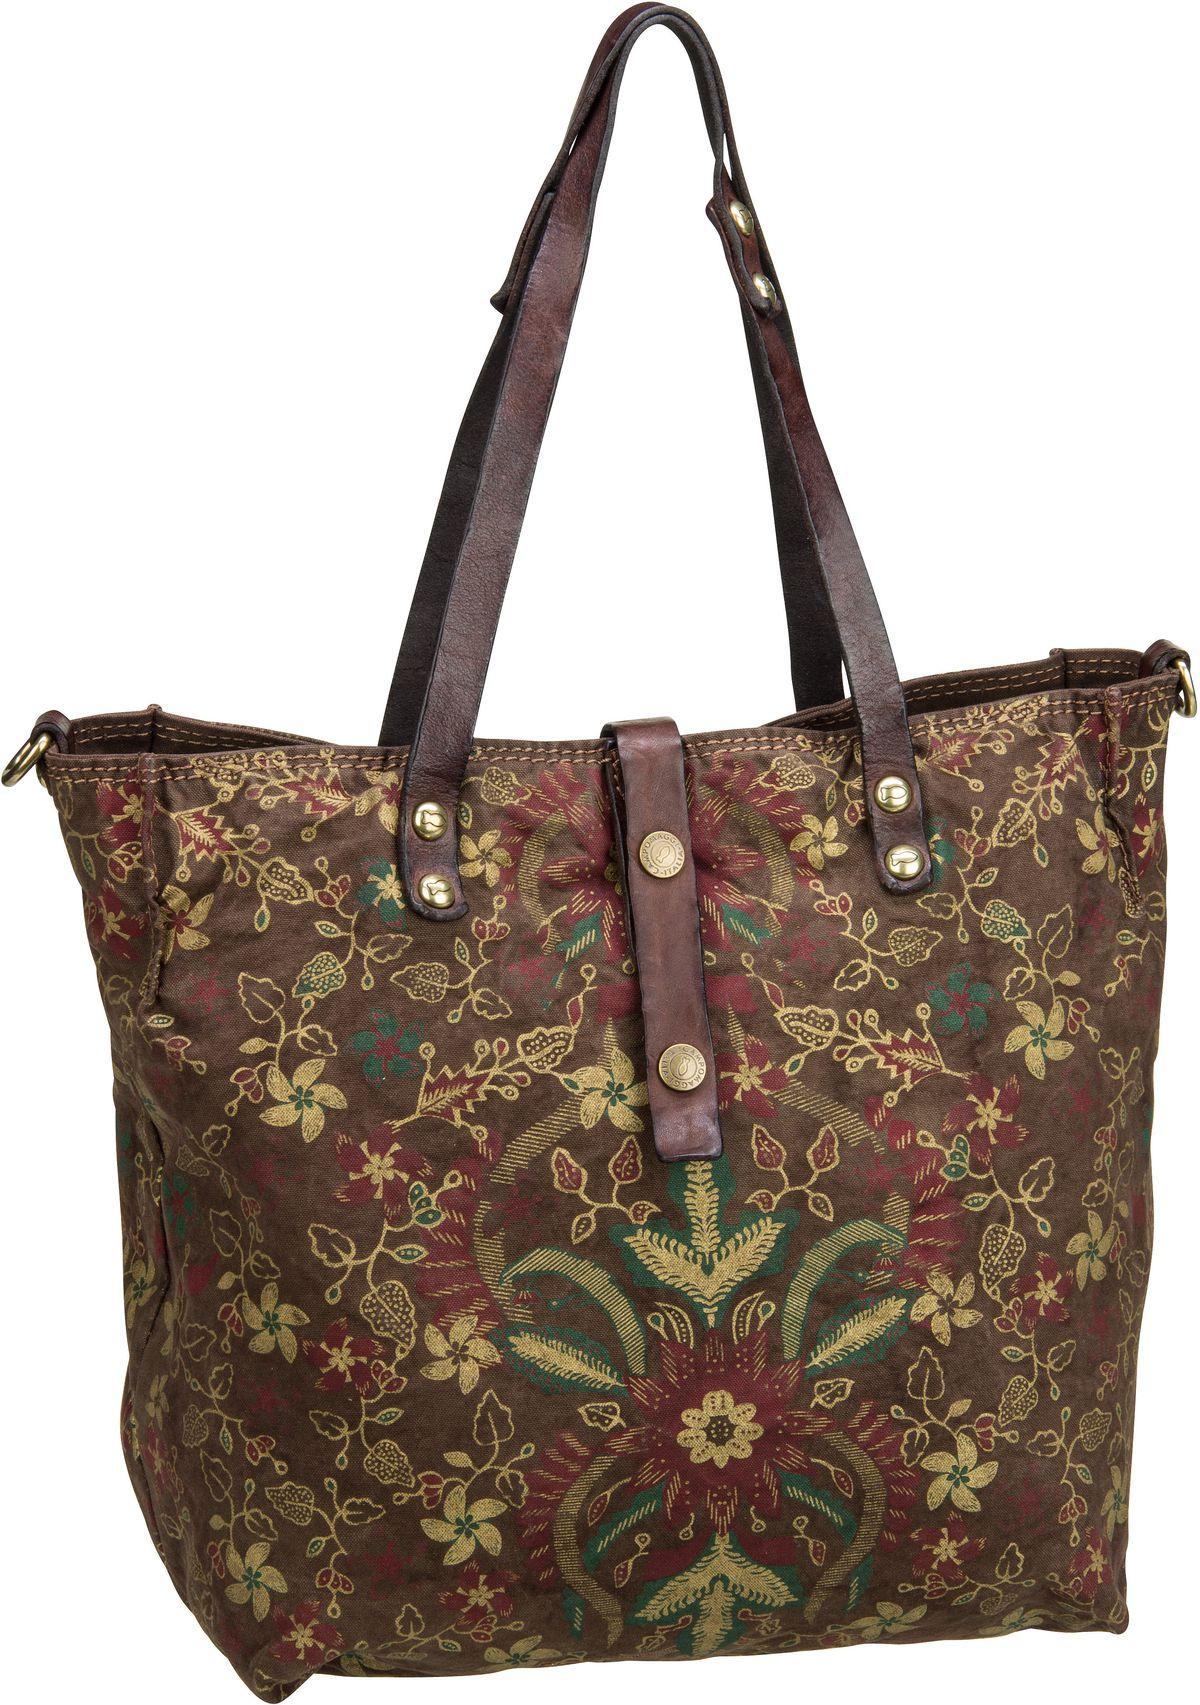 Shopper für Frauen - Campomaggi Shopper Genziana C1671 Verde Militare Moro  - Onlineshop Taschenkaufhaus